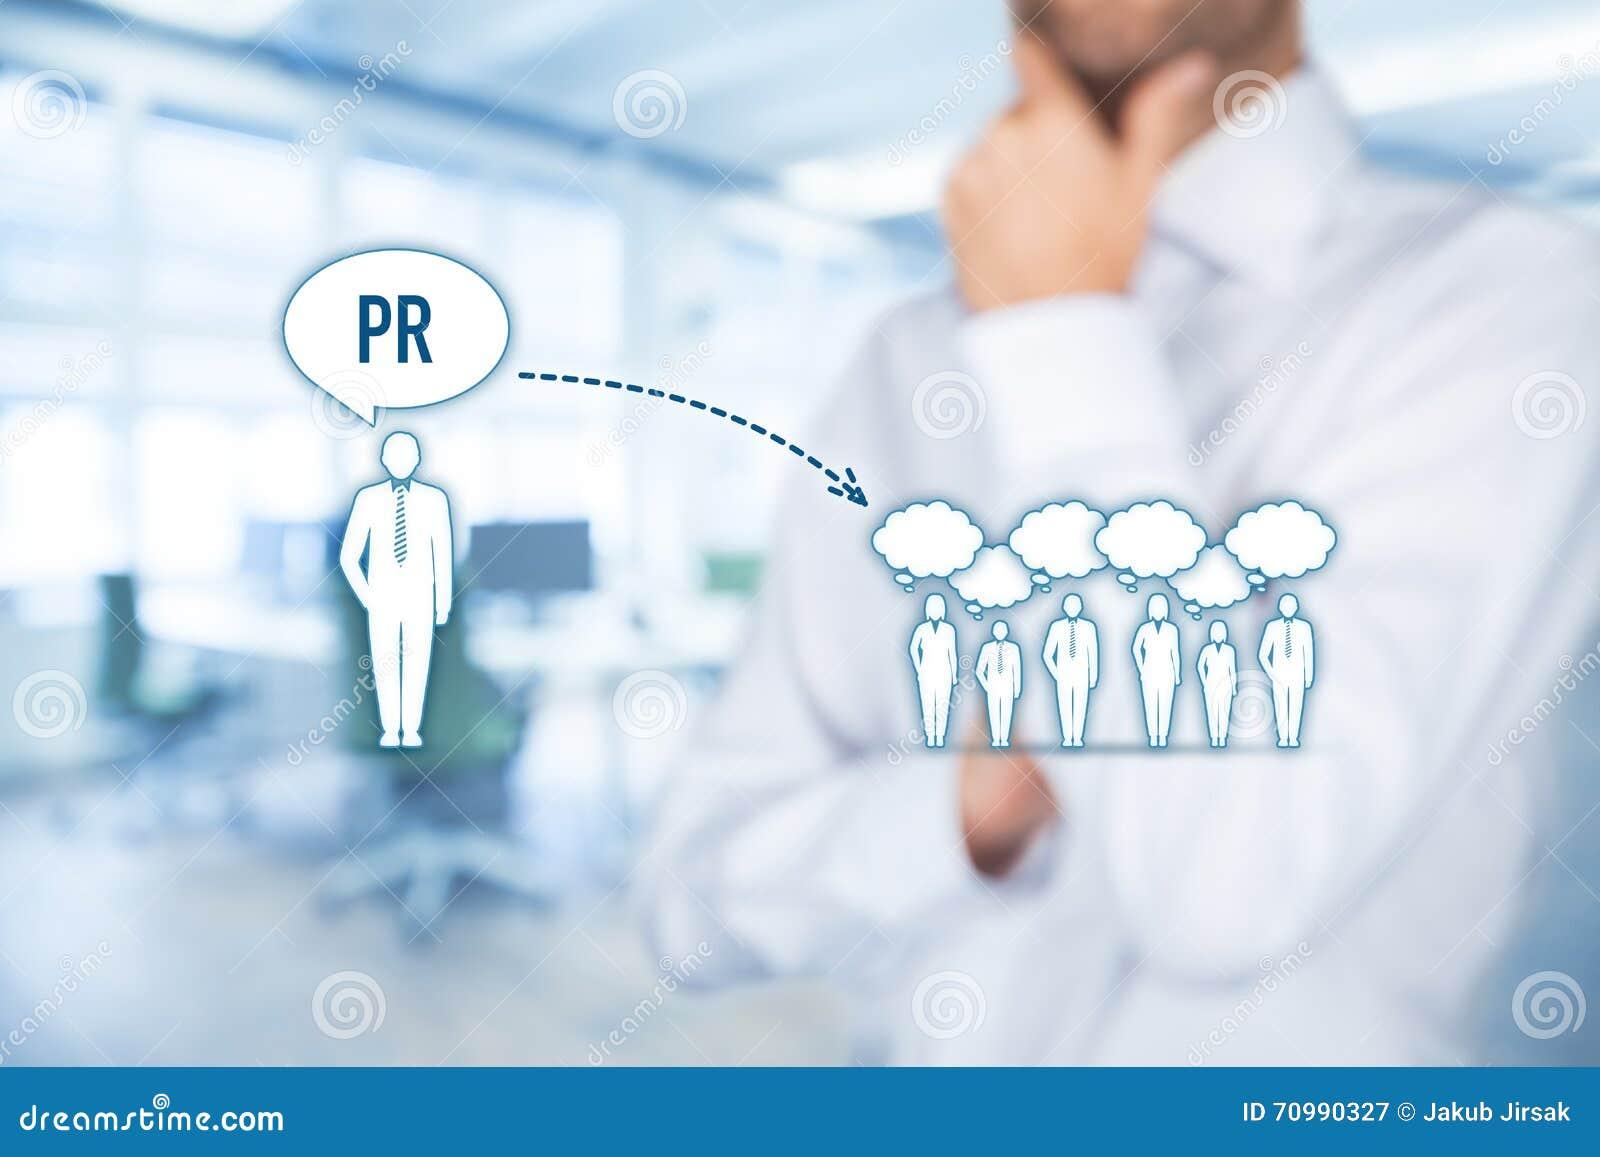 Pubbliche Relazioni Pr Immagine Stock  Immagine Di Uomo